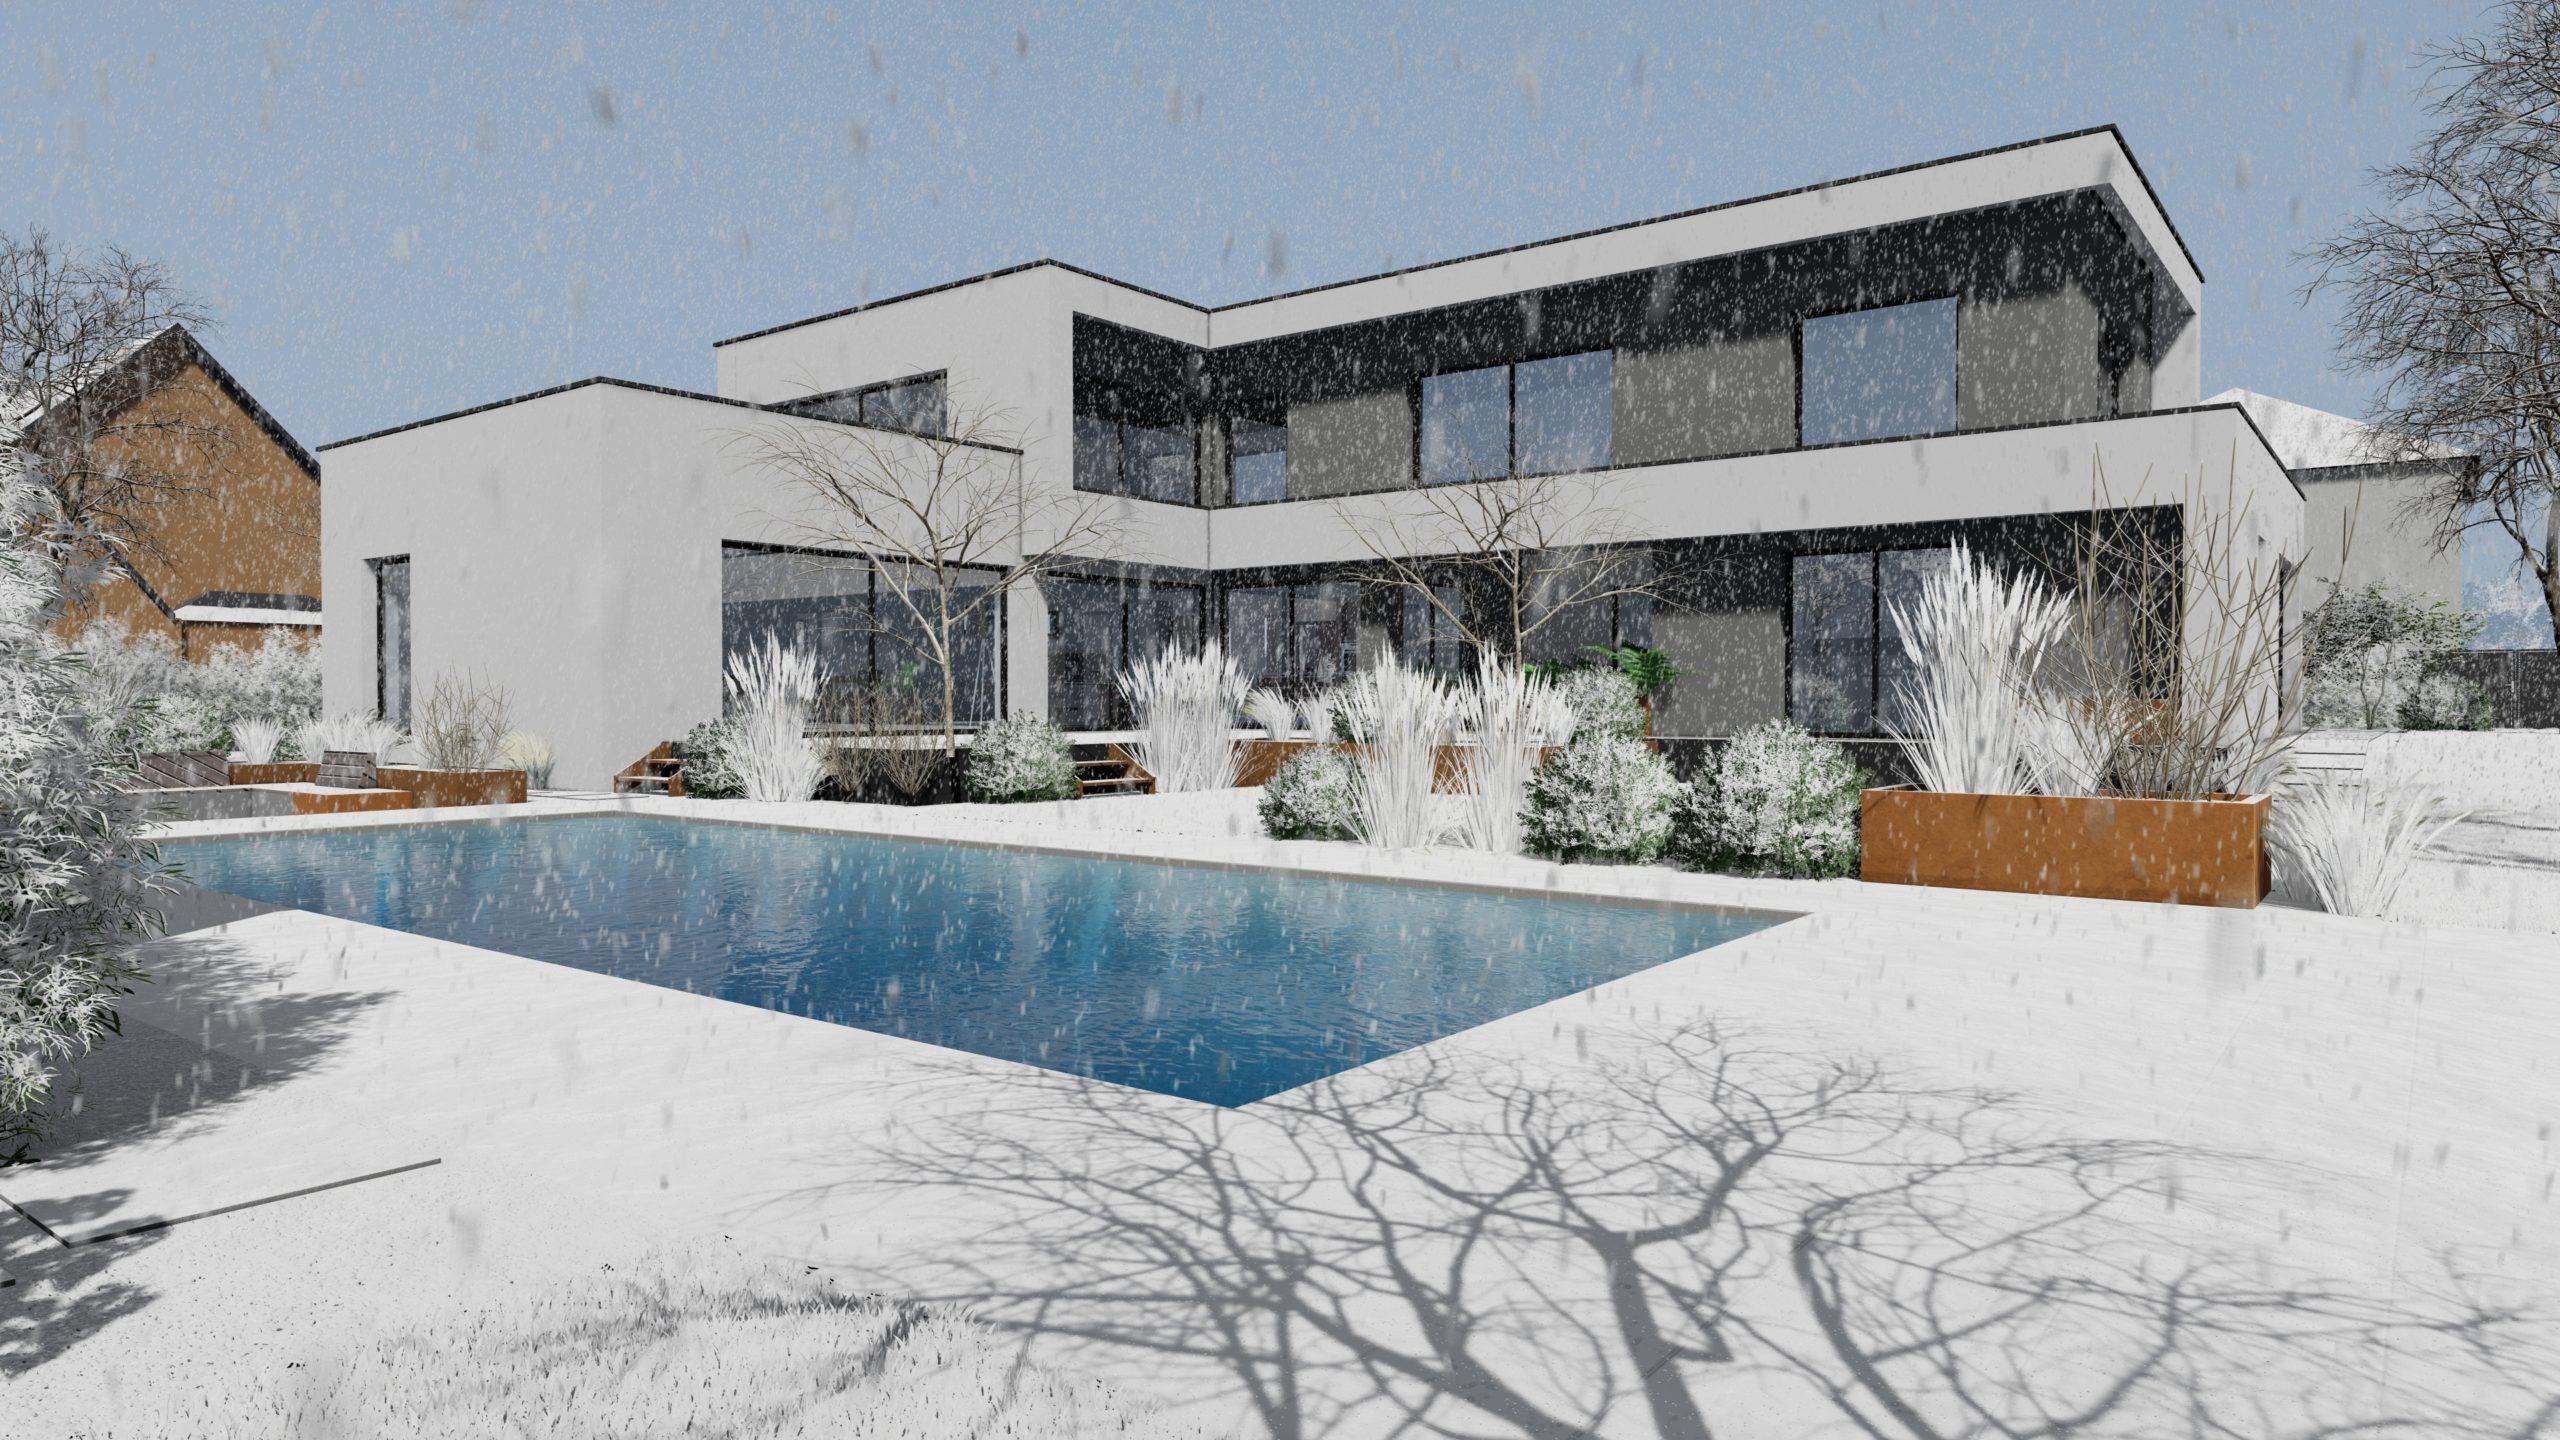 aménagement extérieur piscine hiver